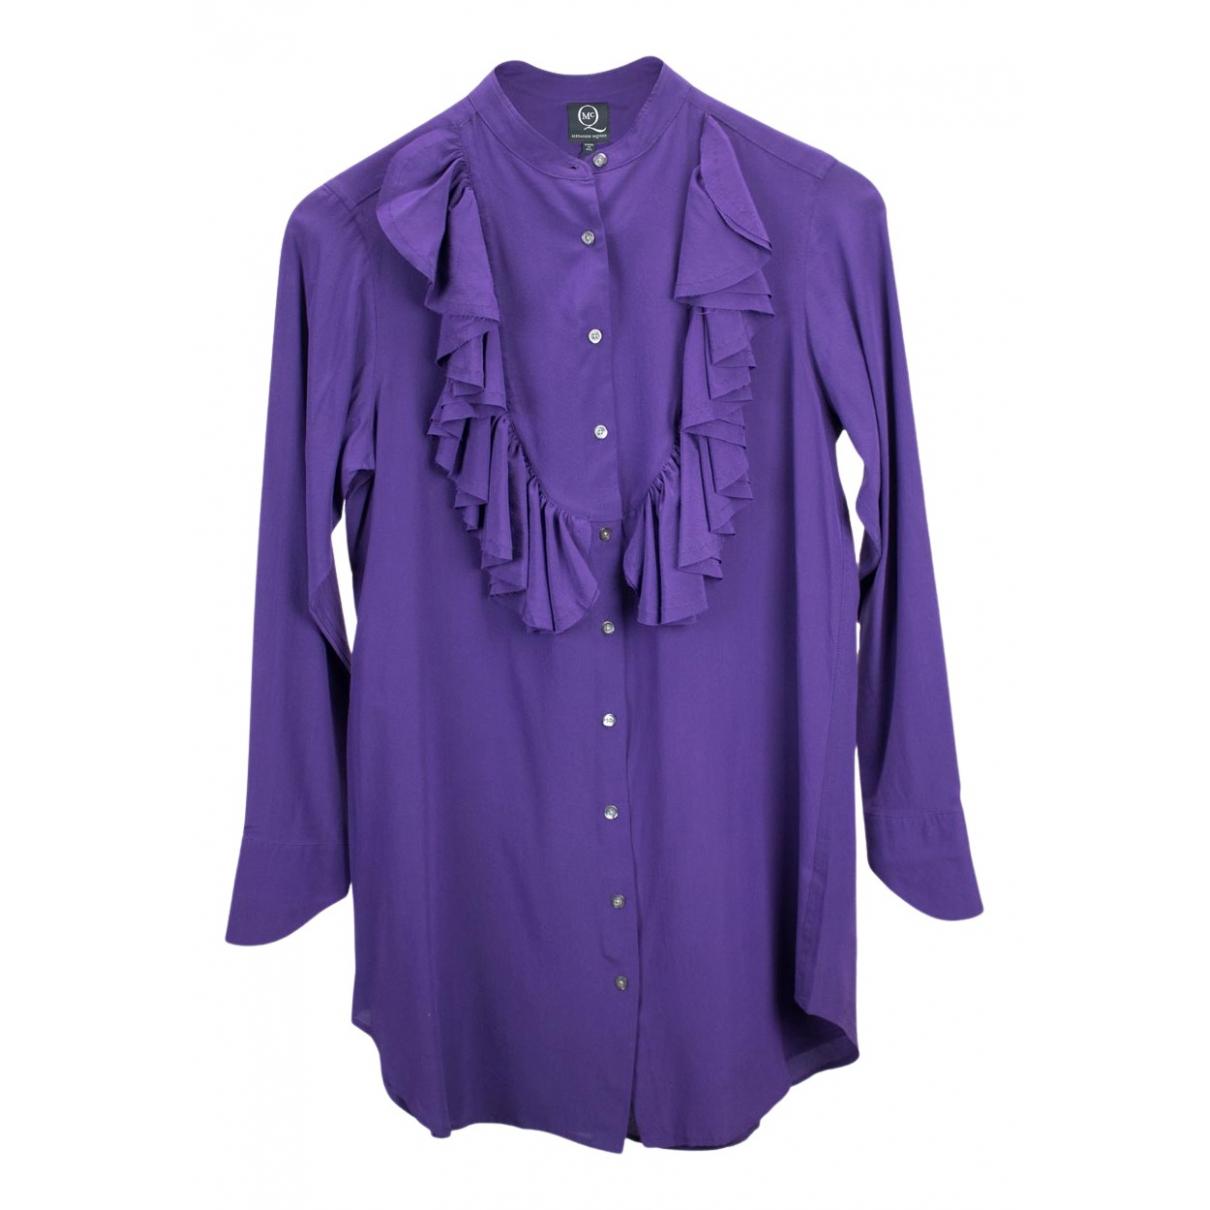 Alexander Mcqueen - Top   pour femme en soie - violet